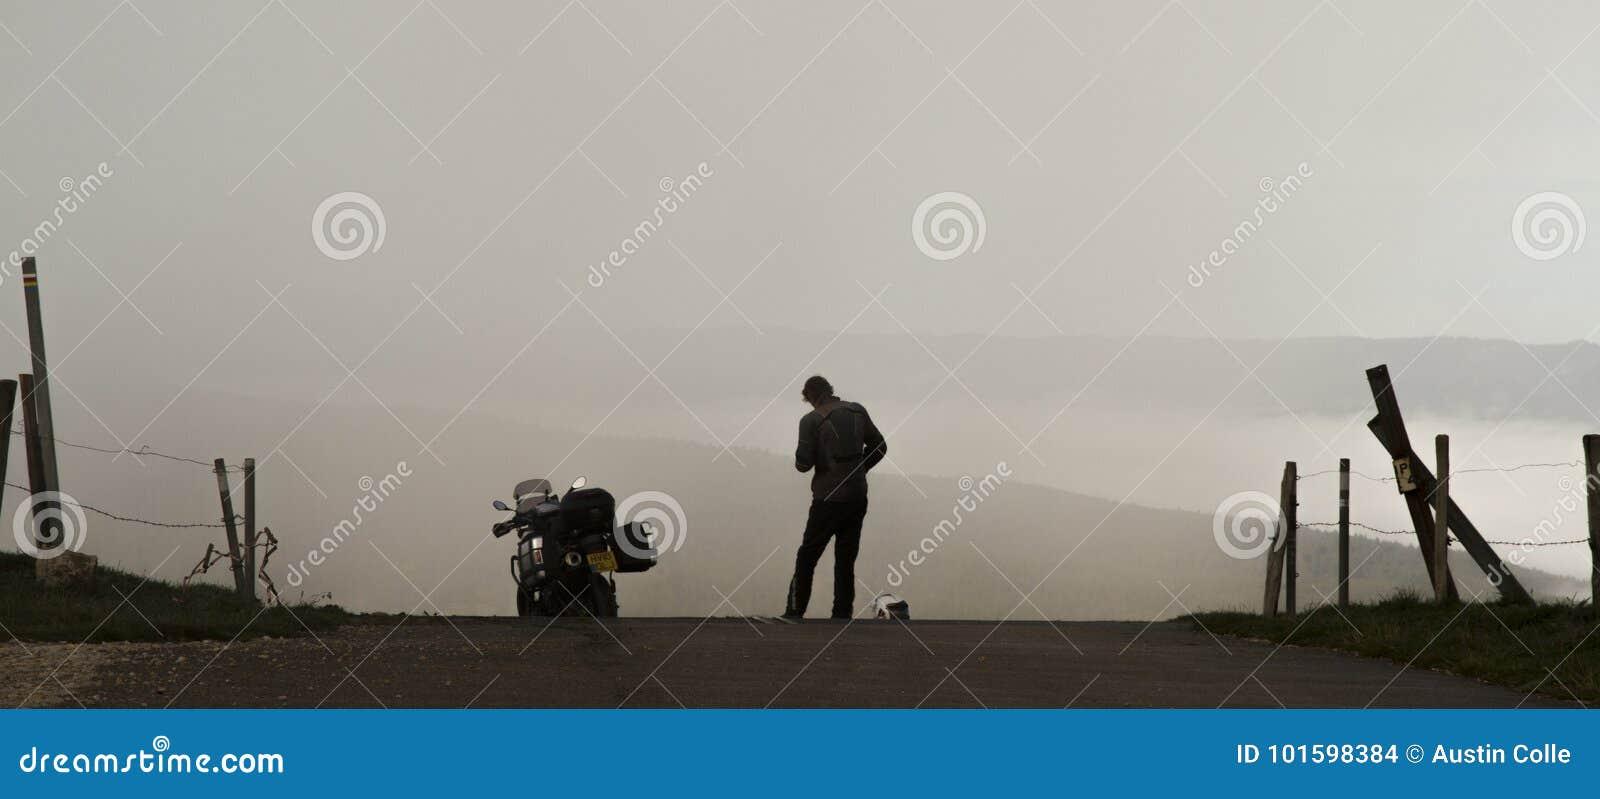 Moto et cavalier debout silhouettés contre une vallée brumeuse